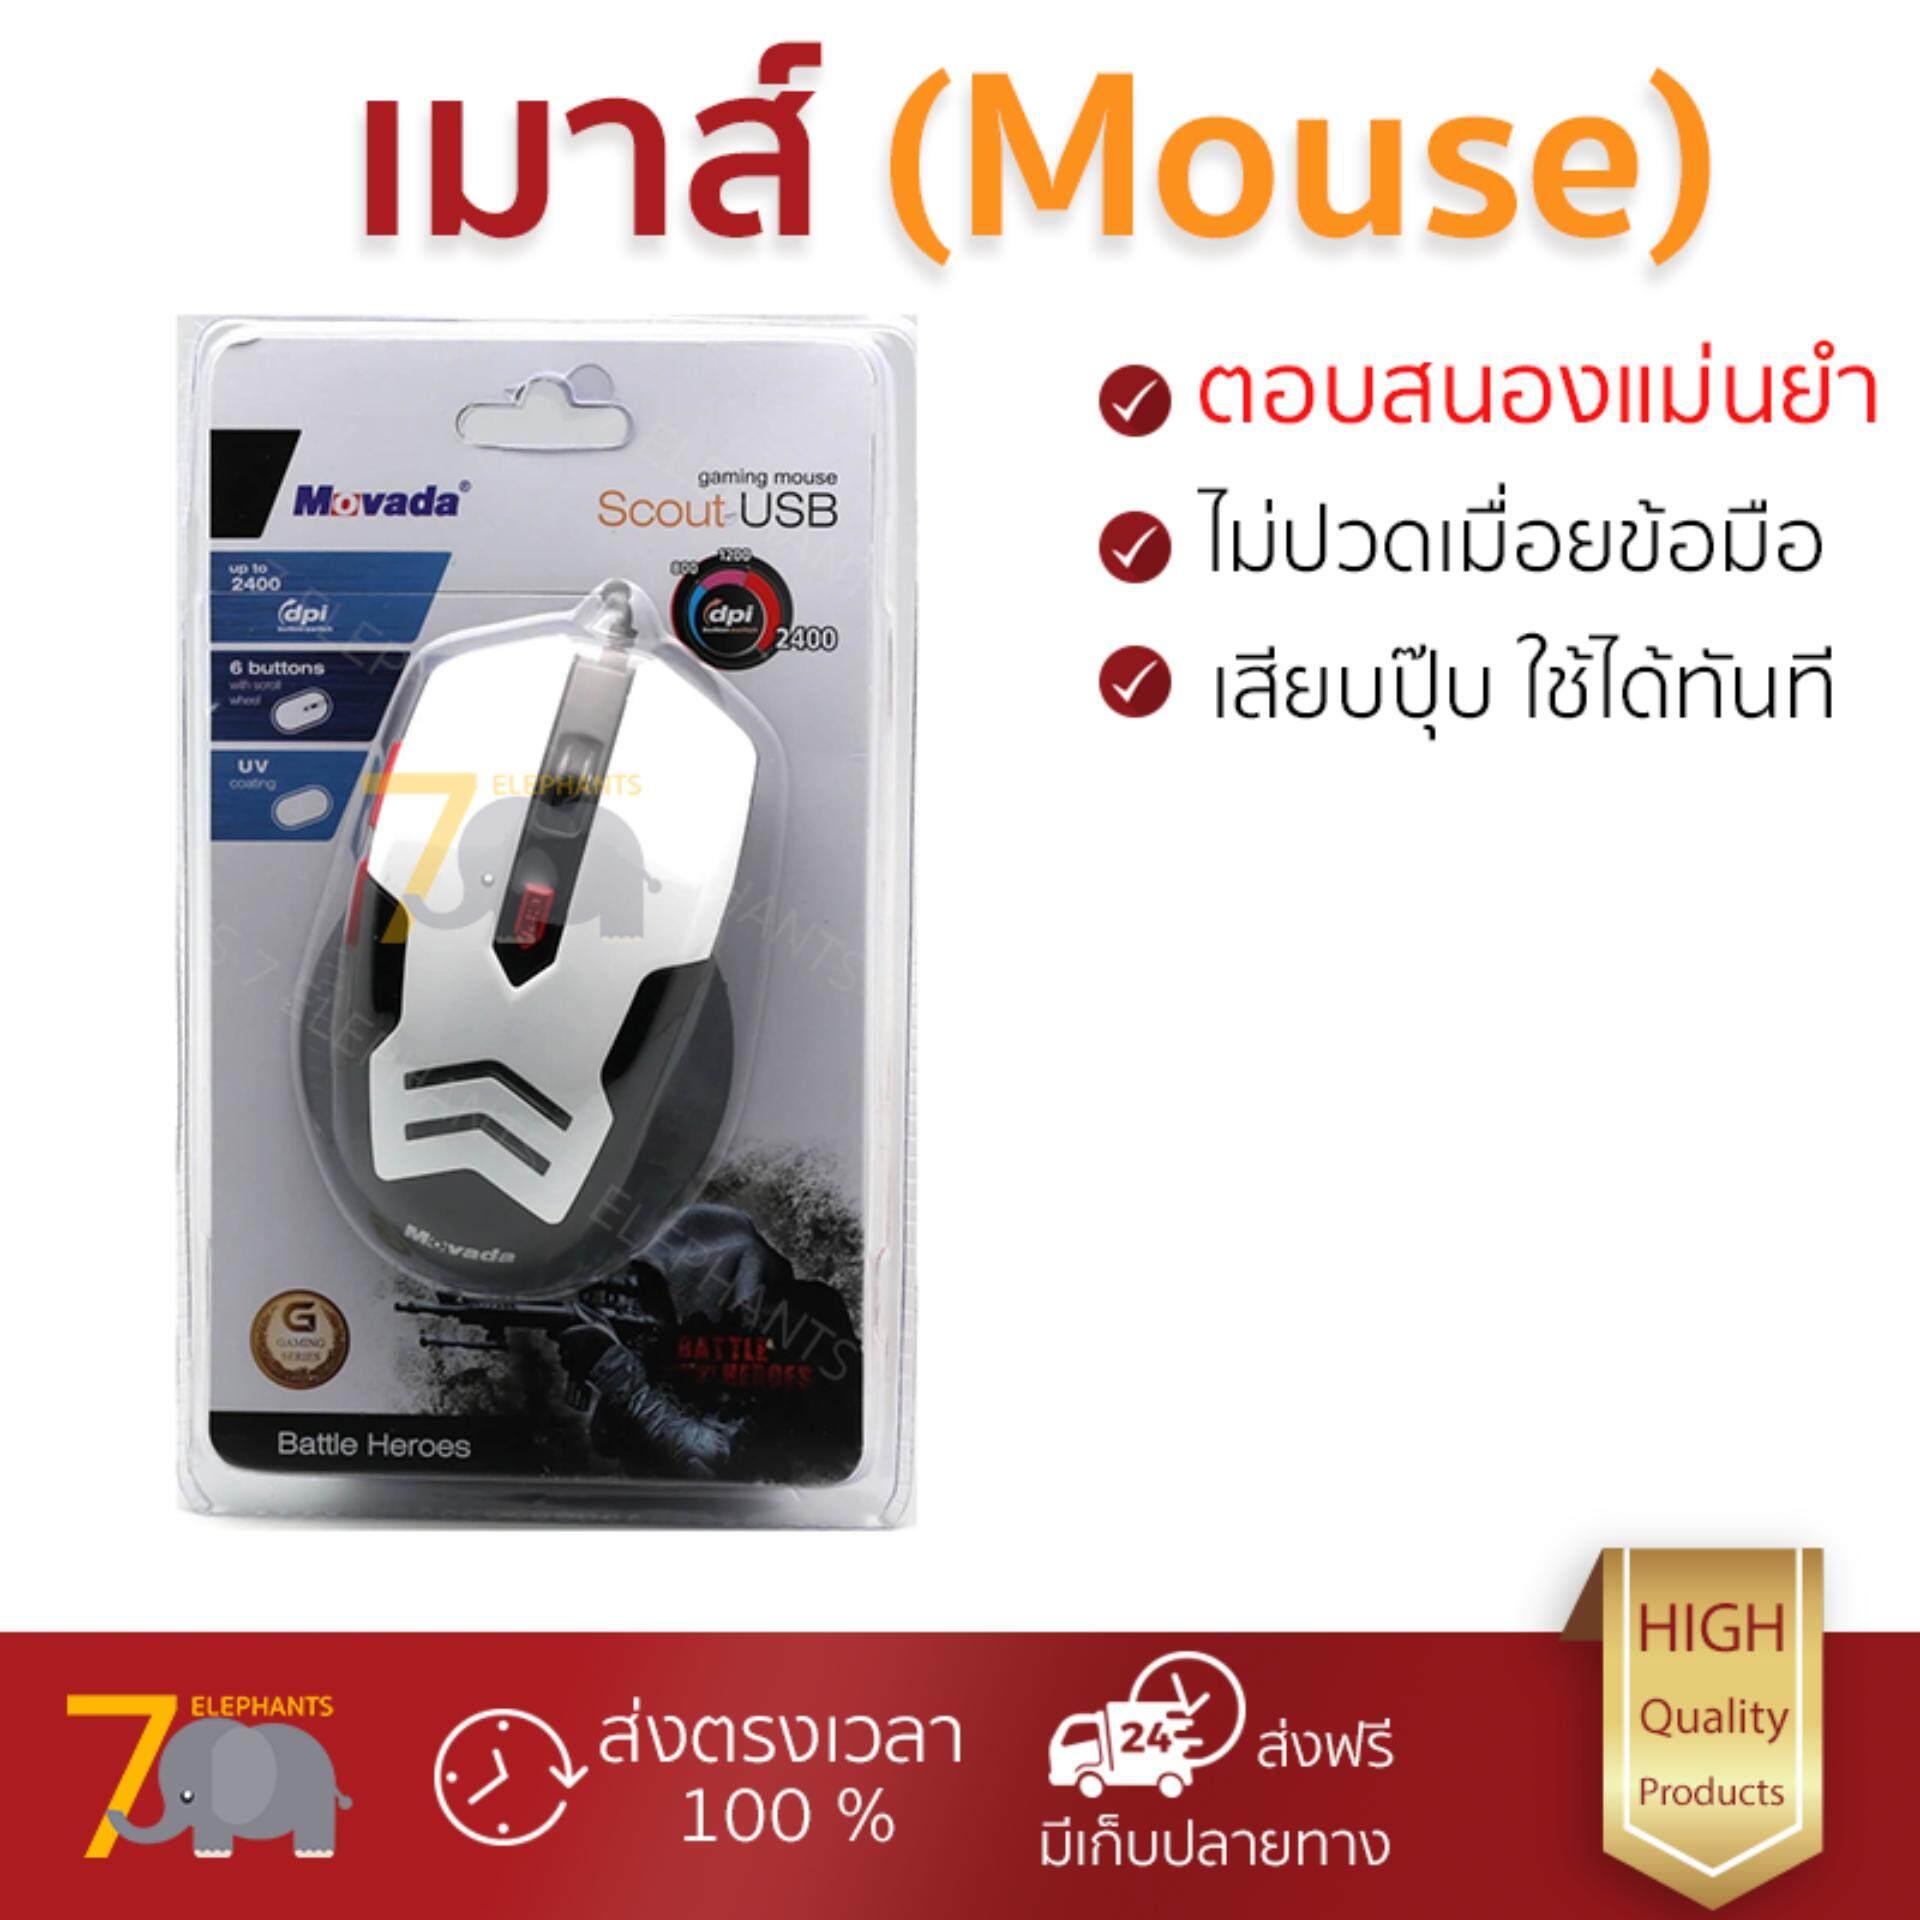 ลดสุดๆ รุ่นใหม่ล่าสุด เมาส์           MOVADA เมาส์เกมส์ (สีขาว/ดำ) รุ่น MO-007             เซนเซอร์คุณภาพสูง ทำงานได้ลื่นไหล ไม่มีสะดุด Computer Mouse  รับประกันสินค้า 1 ปี จัดส่งฟรี Kerry ทั่วประเทศ